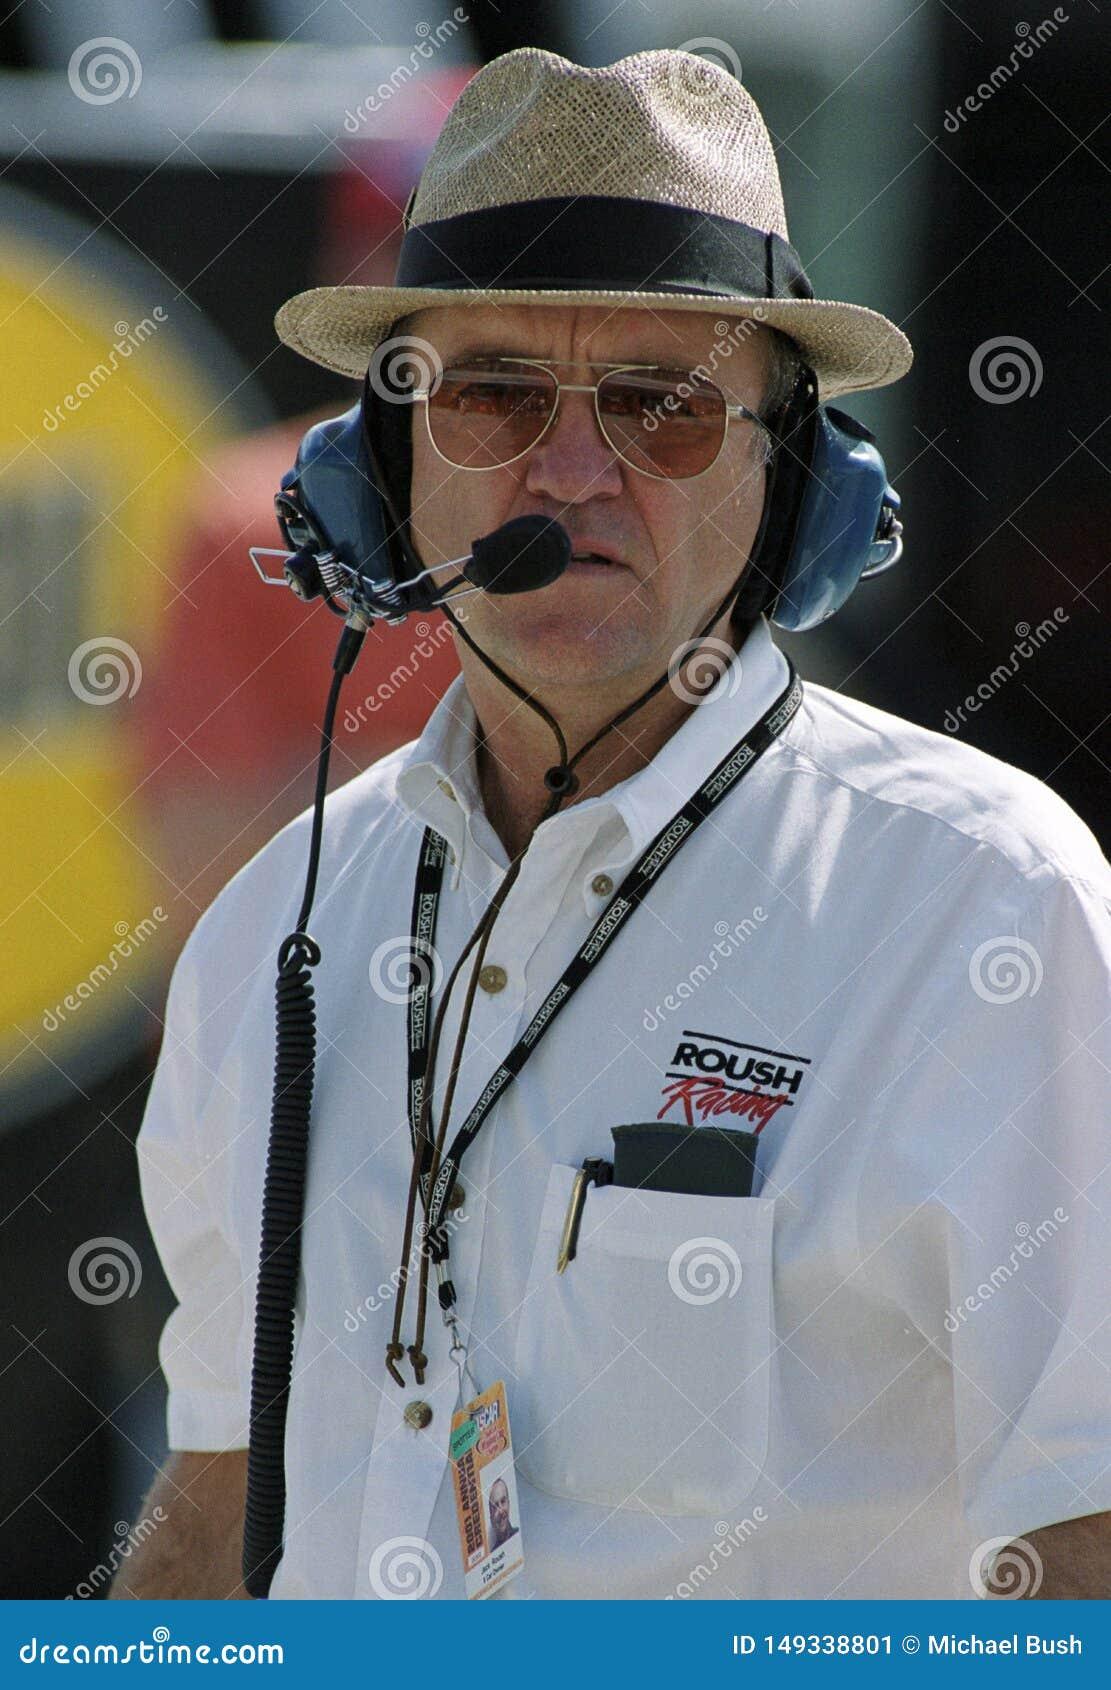 Propriet?rio Jack Roush de NASCAR